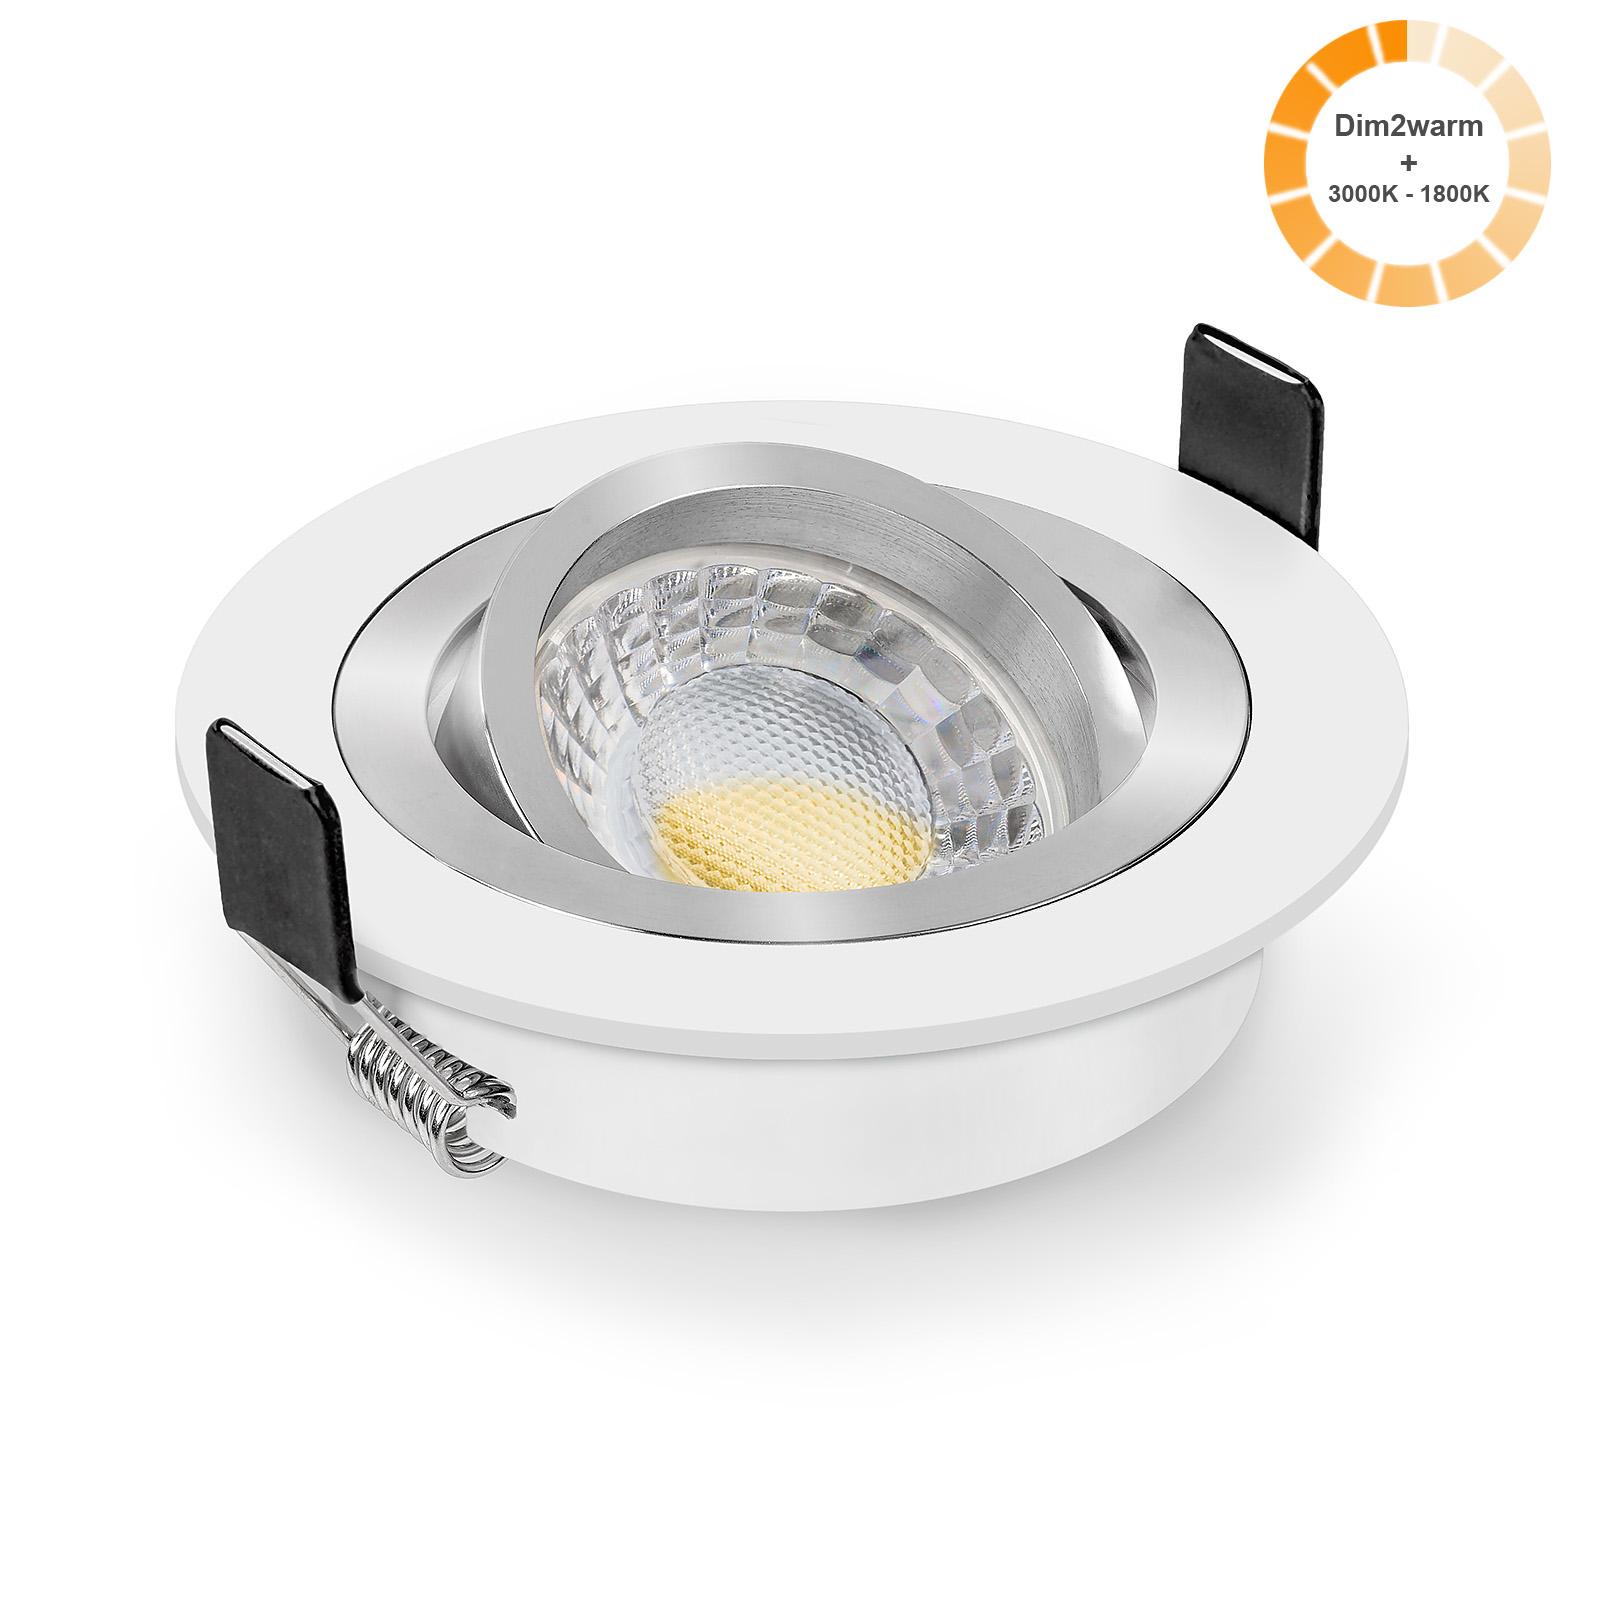 LED Einbaustrahler Set dimmbare steuerbare Farbtemperatur 20K ...